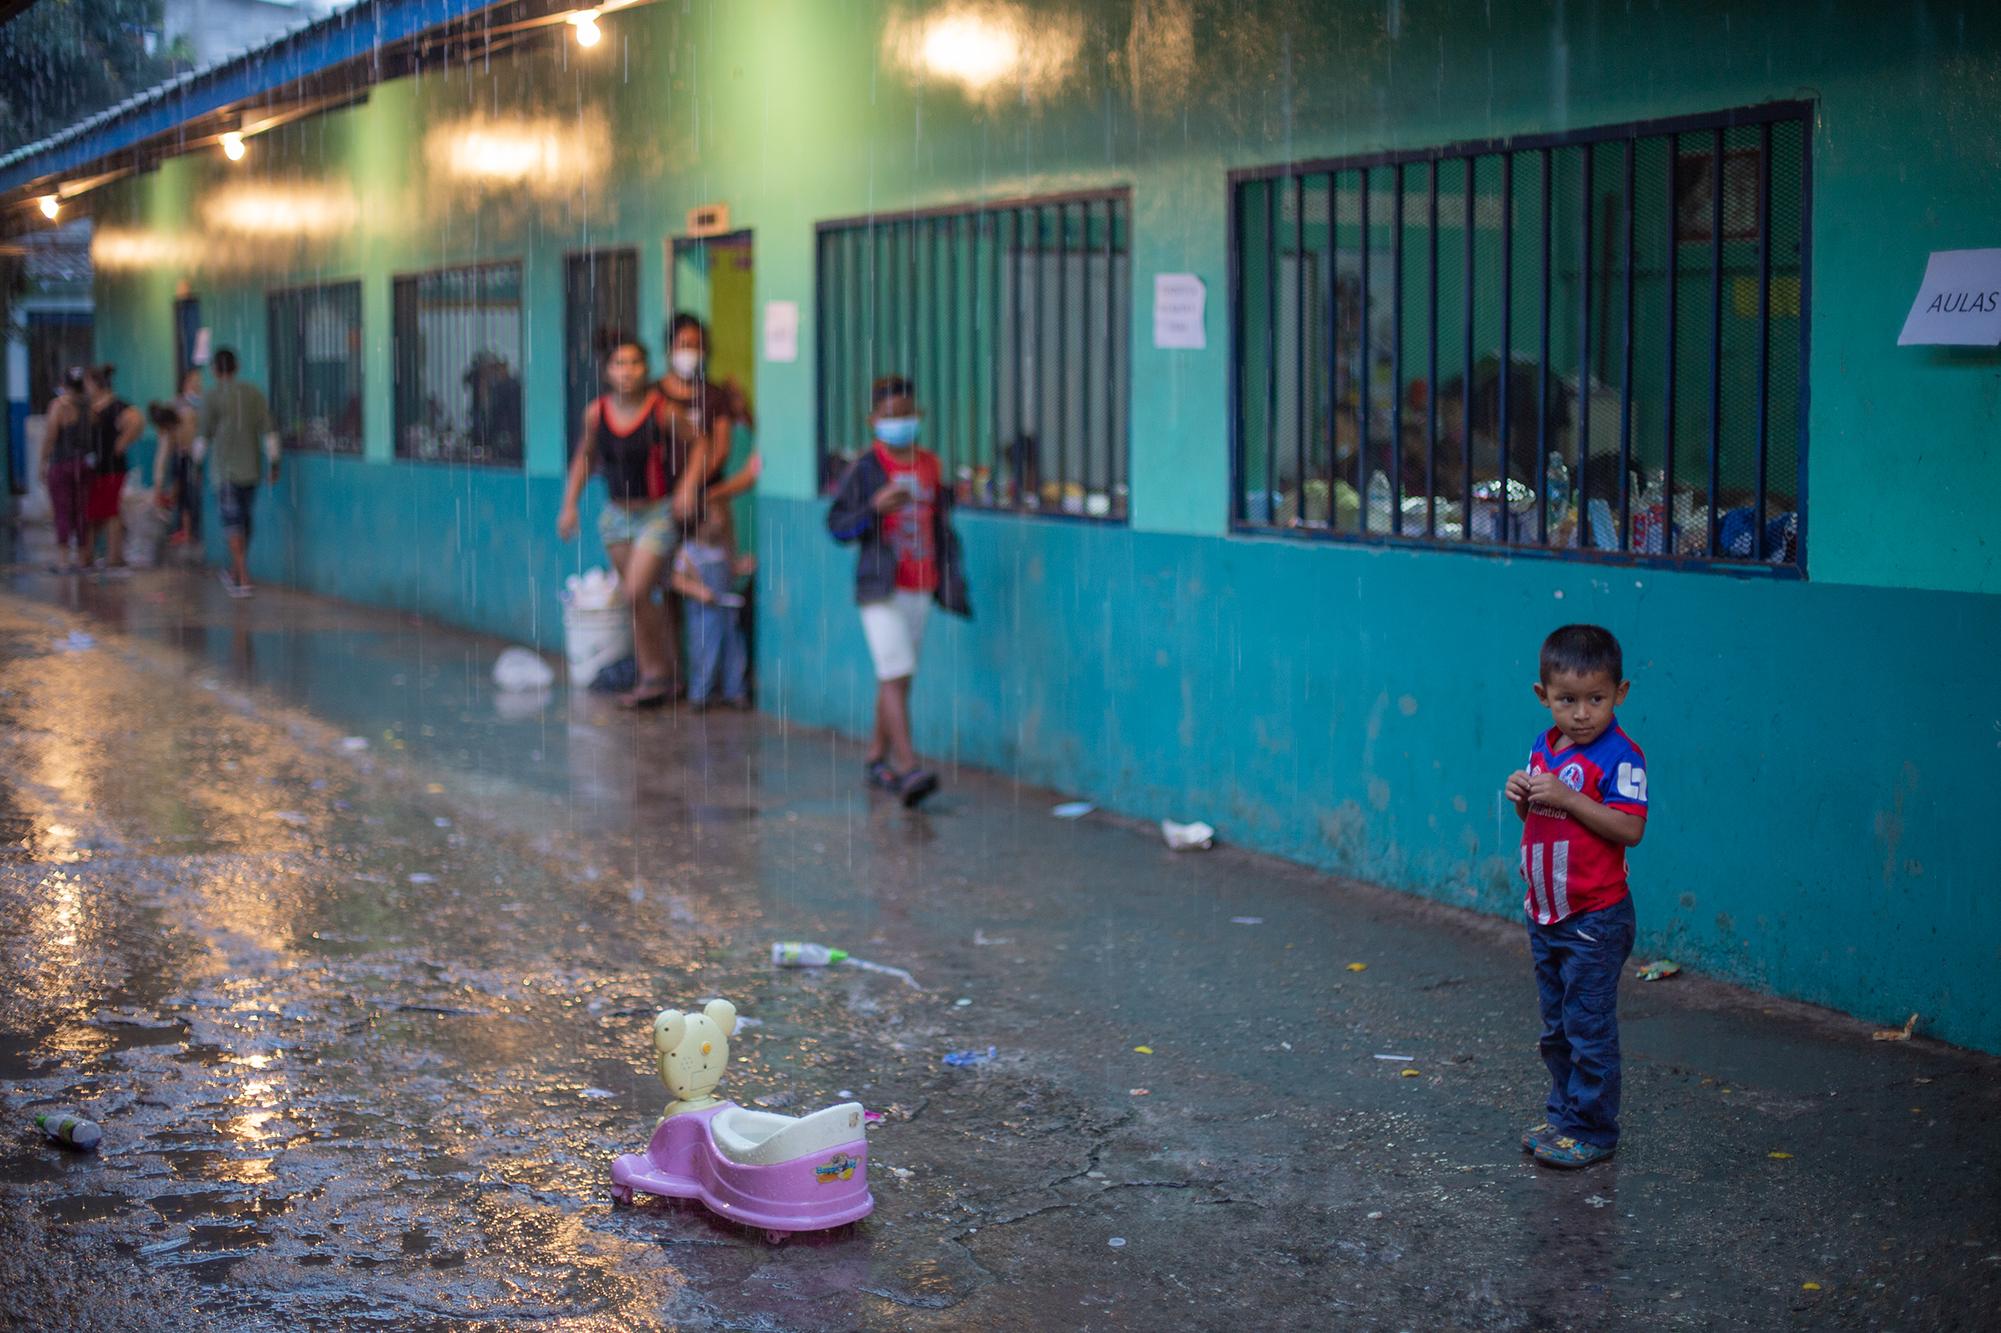 Un niño observa la lluvia  mientras juega en el albergue de la Escuela Profesor Toribio Bustillo de la colonia Las Brisas, en este albergue se han refugiado 75 familias: 105 adultos y 147 niños. Comayagüela, 7 de noviembre de 2020. Foto: Martín Cálix.